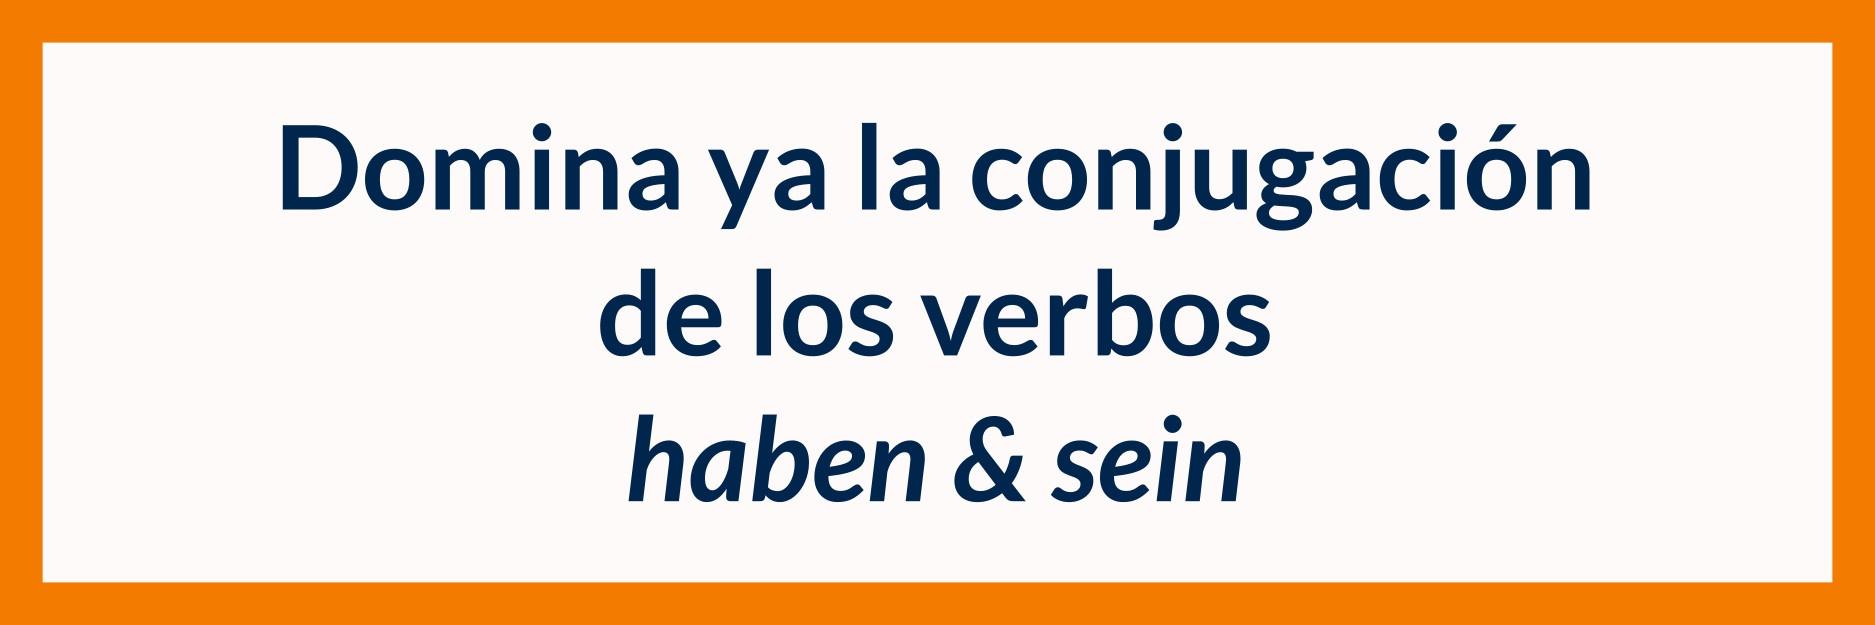 Imagen de título para aprender la conjugación de los verbos haben y sein en alemań